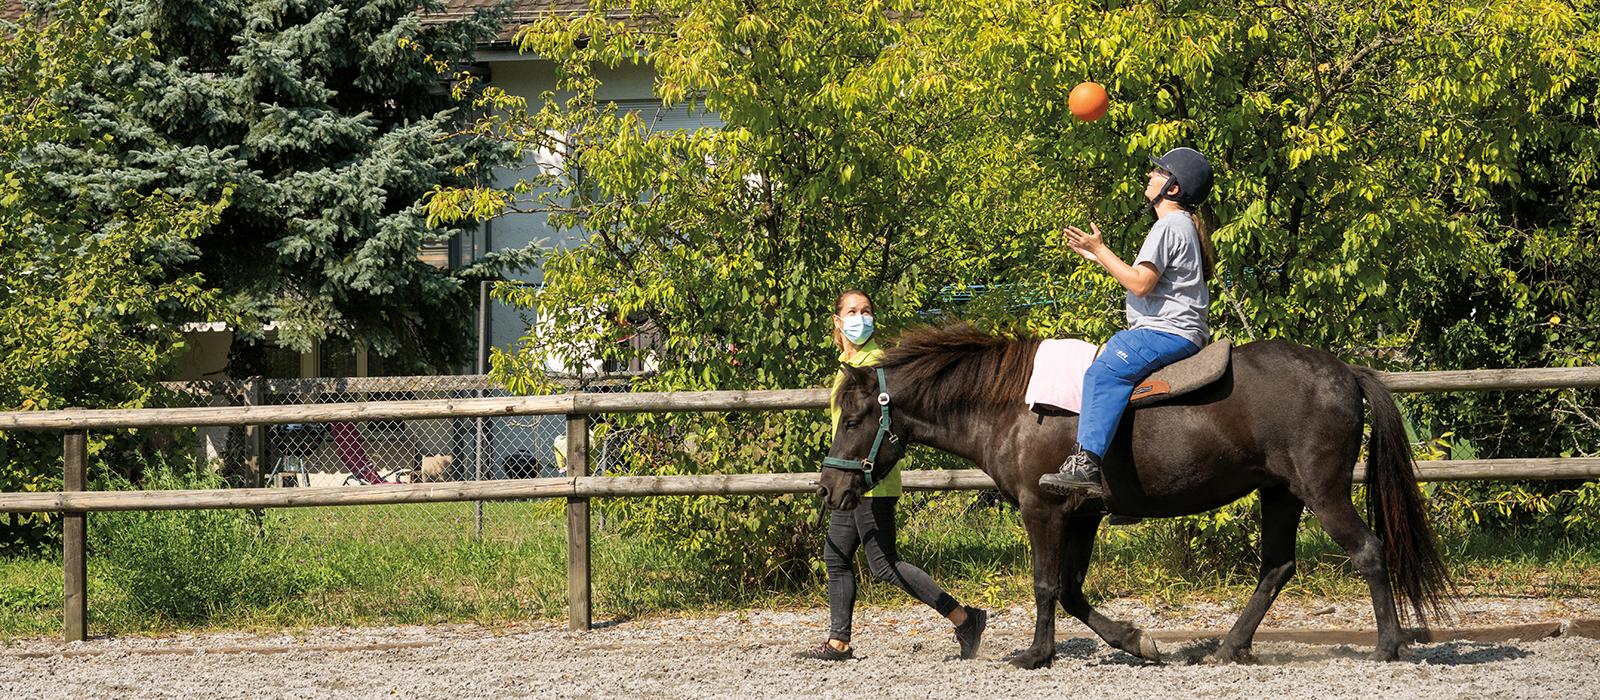 Übung mit Ball im Heilpädagogischen Reiten